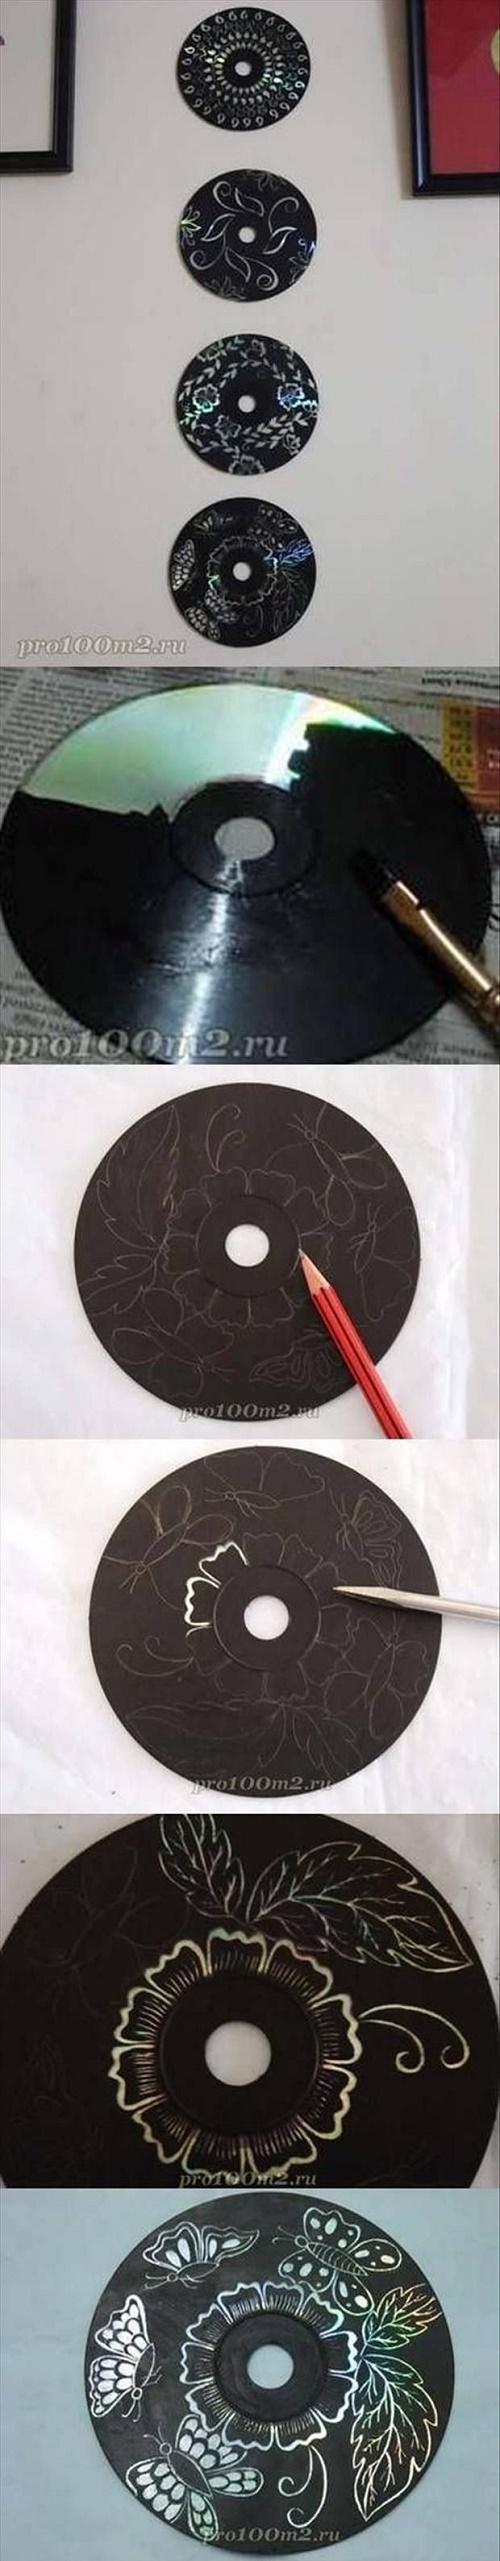 old cd